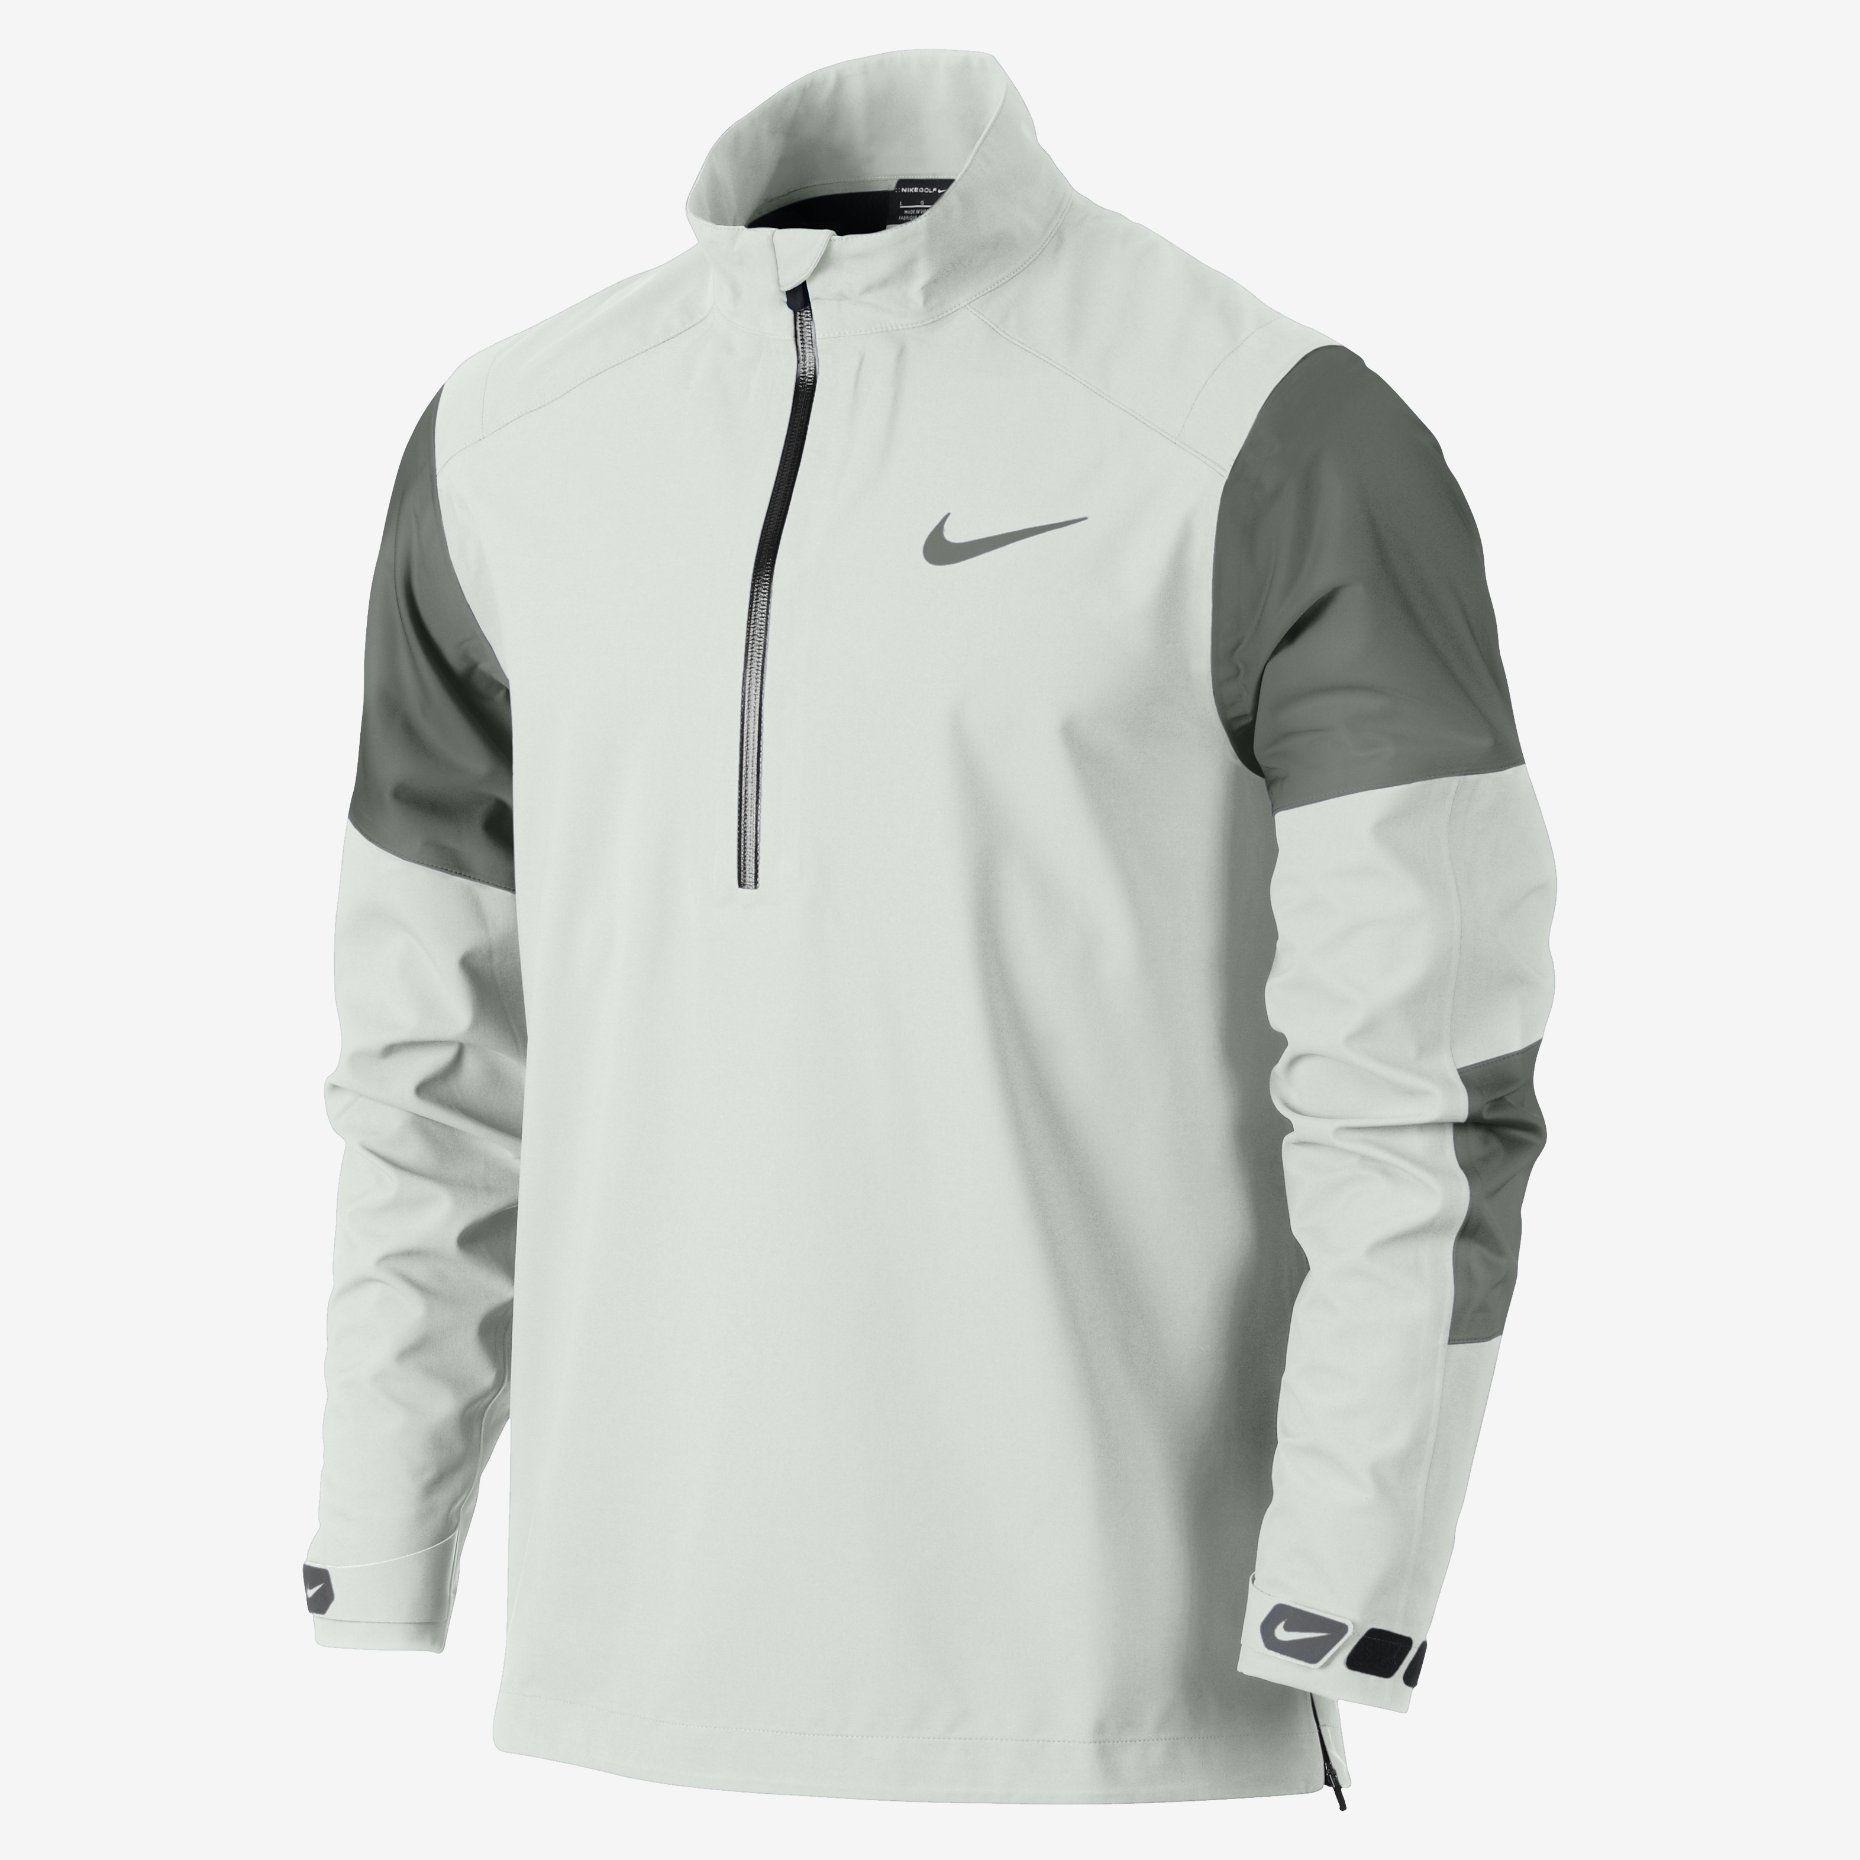 85fa83b046e4 Nike Hyperadapt Storm-FIT Half-Zip Mens Golf Jacket